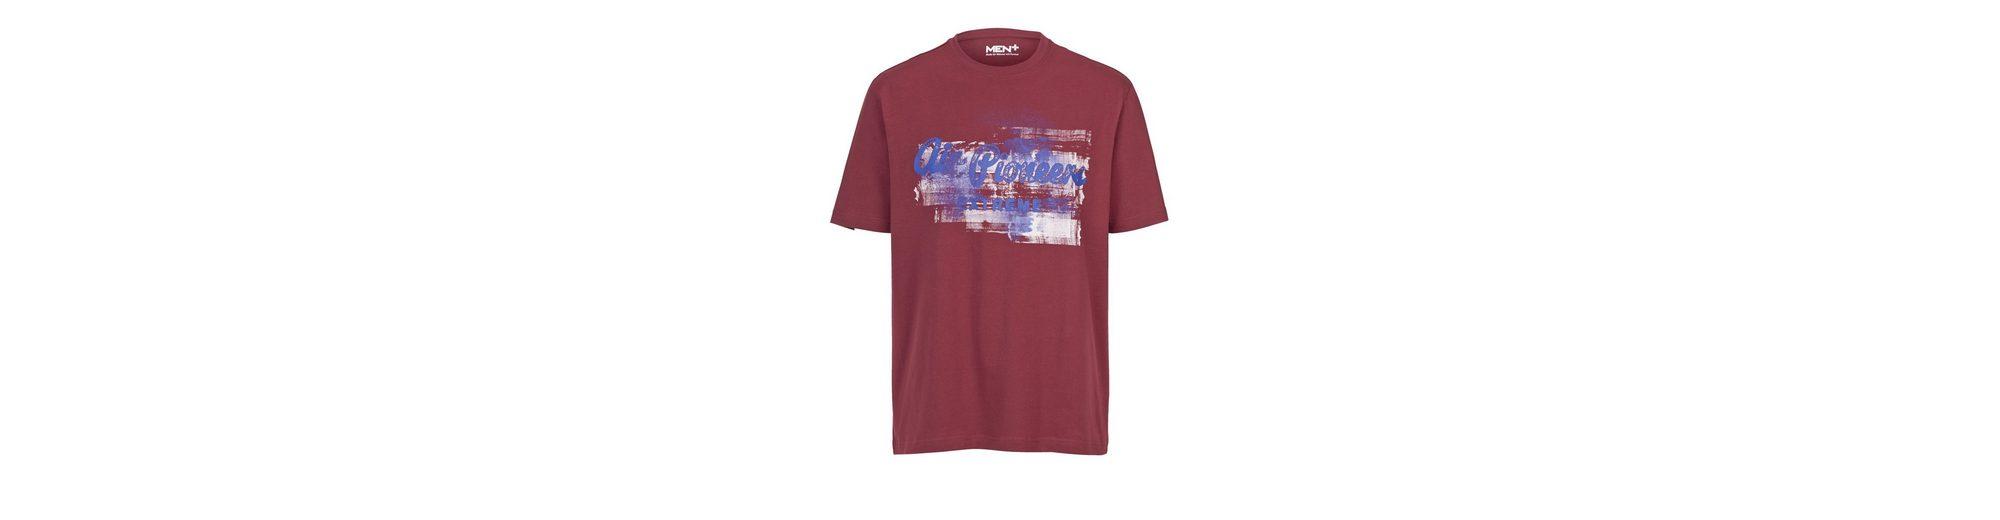 Original Online Kosten Günstiger Preis Men Plus by Happy Size T-Shirt Bester Platz qbQHQo